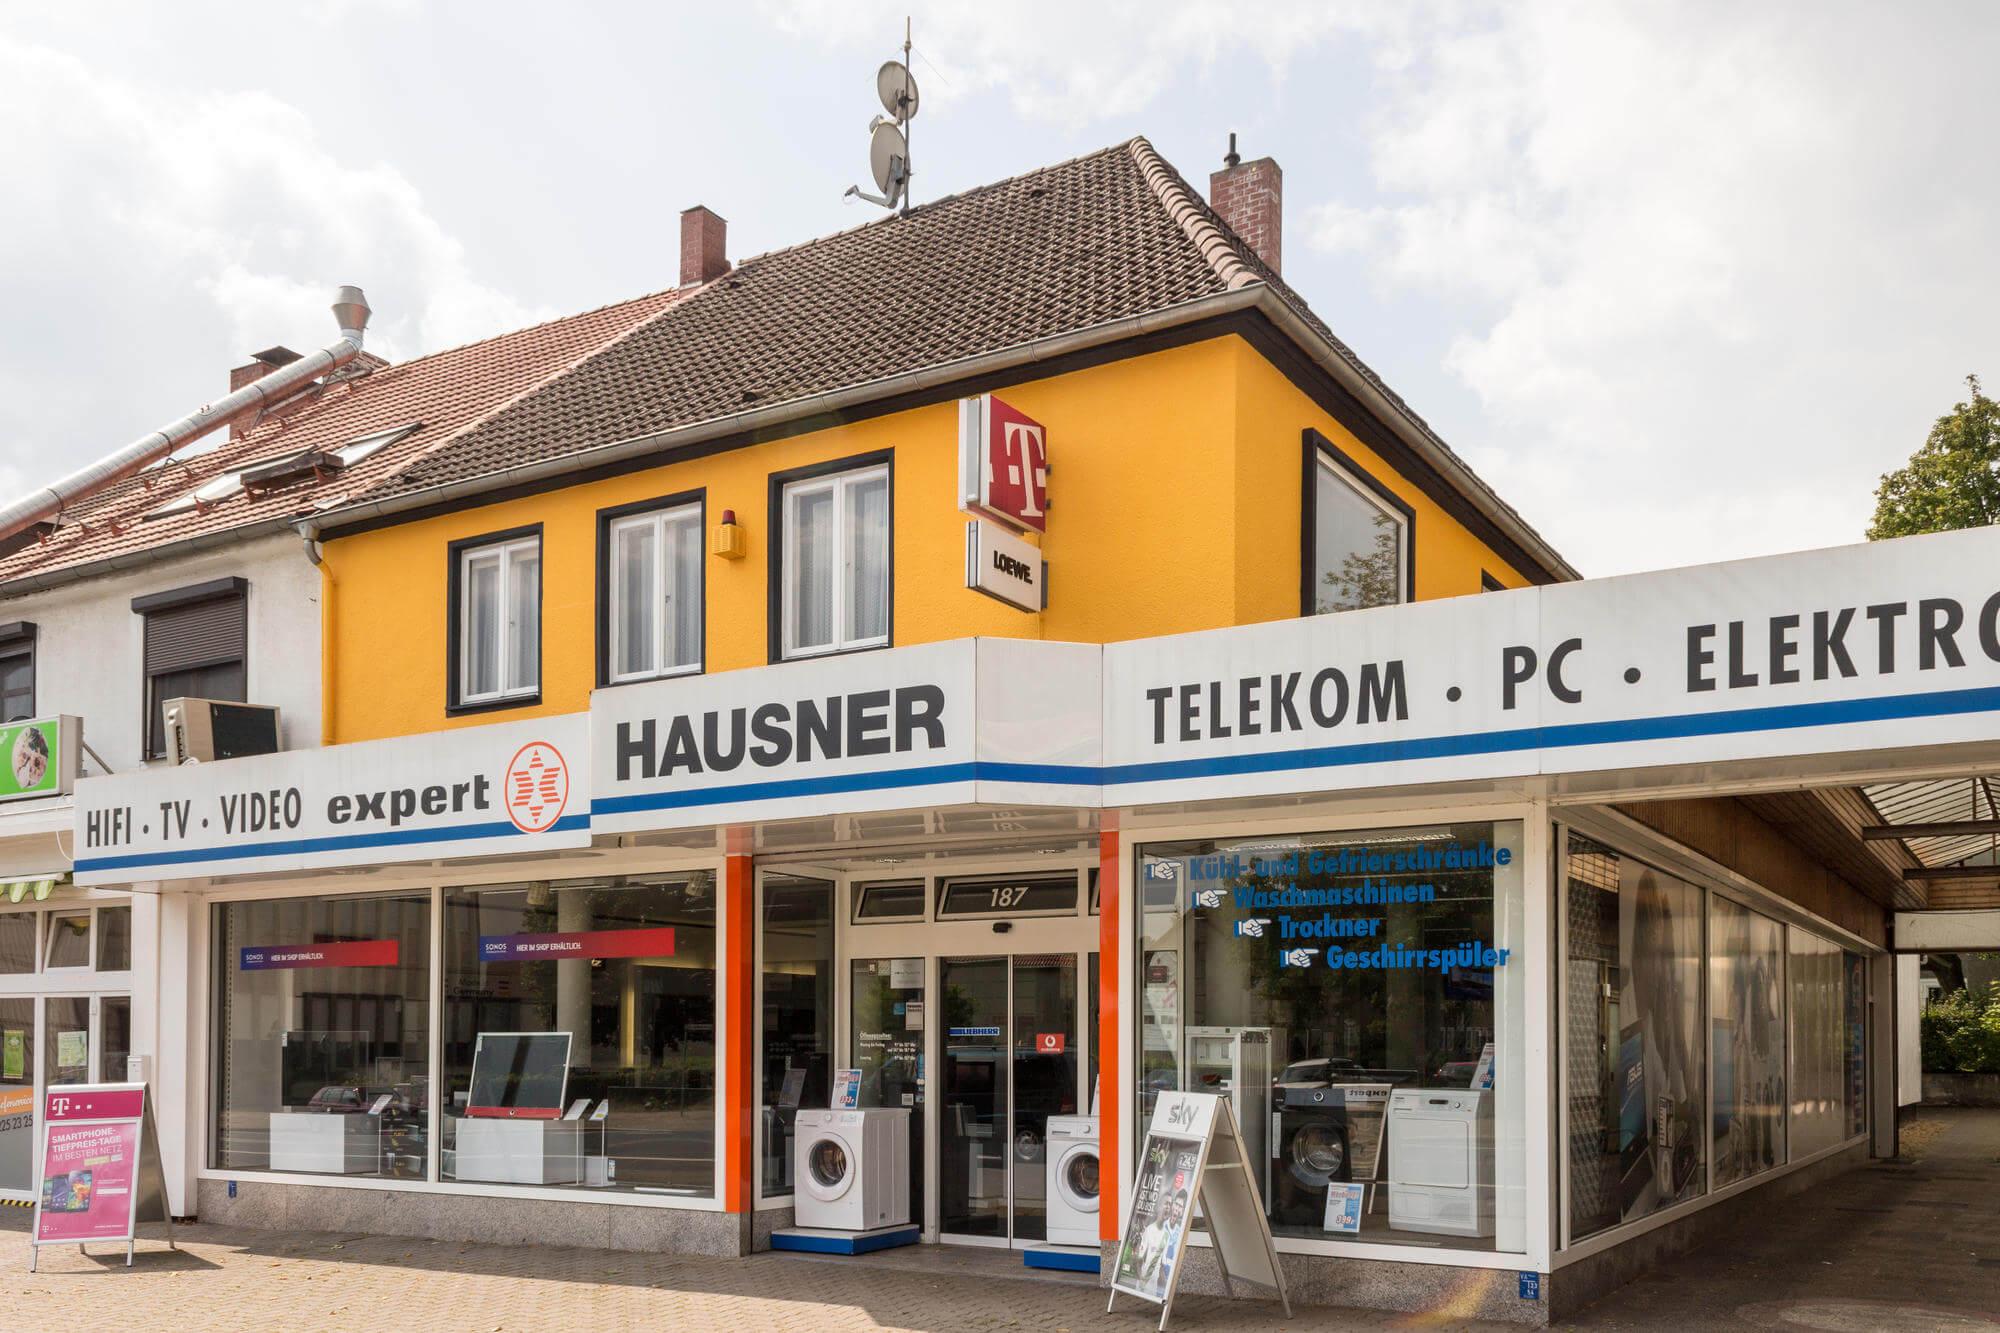 Bomann Kühlschrank Expert : Hausgeräte kundendienst salzgitter w. hausner gmbh notdienst